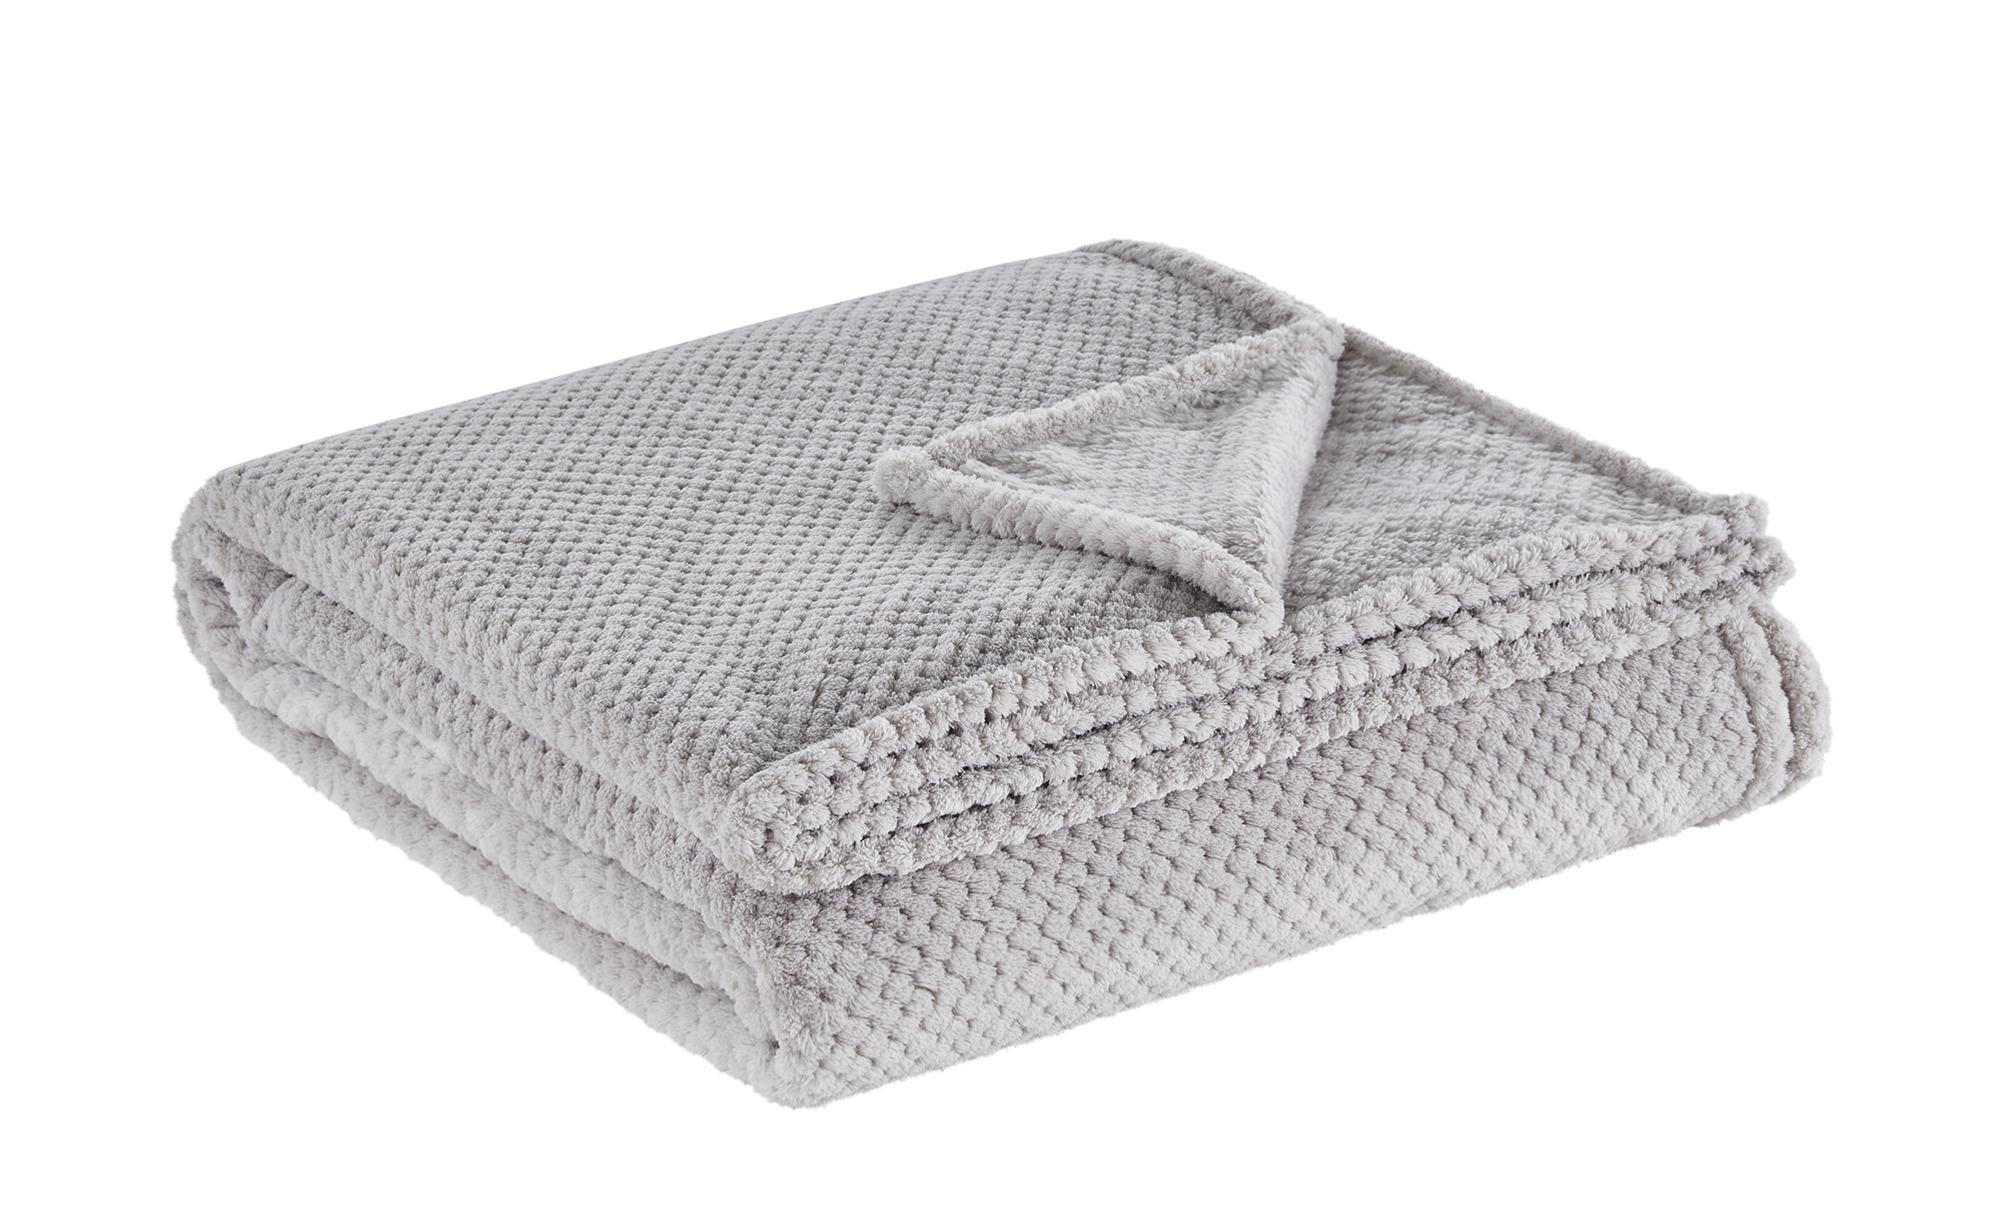 LAVIDA Coralfleece Decke  Mia XL - grau - 100% Polyester, Polyester - 220 cm - Sconto | Heimtextilien > Decken und Kissen > Mehr-Decken | LAVIDA